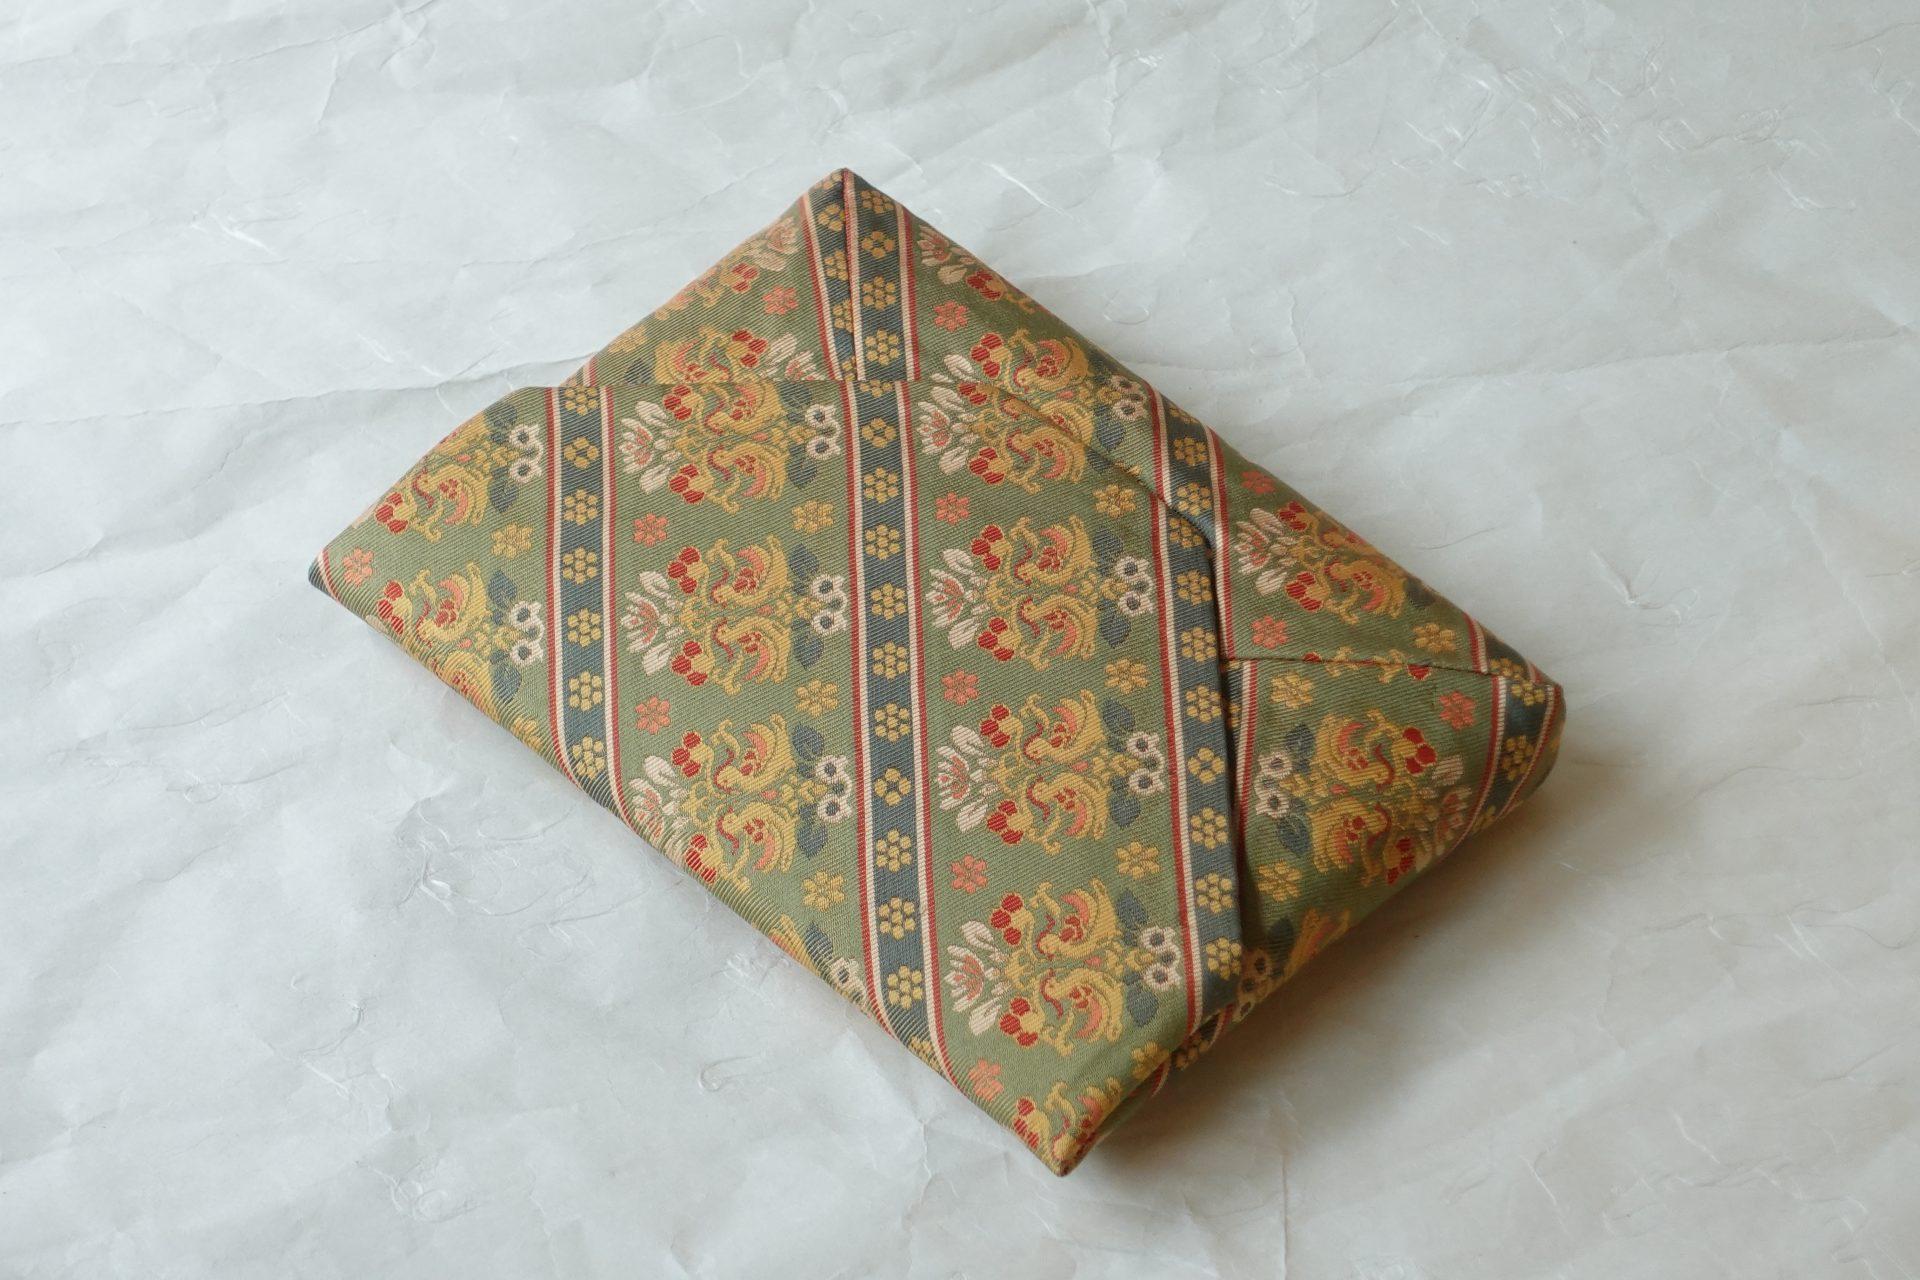 日本製 正絹 数寄屋袋 茶道 茶の湯 和装 ハンドバッグ 七曜 鴛鴦 おしどり 花鳥文 正倉院宝物 奈良時代 ぼかし 暈繝 うんげん 華やか 風情 艶麗